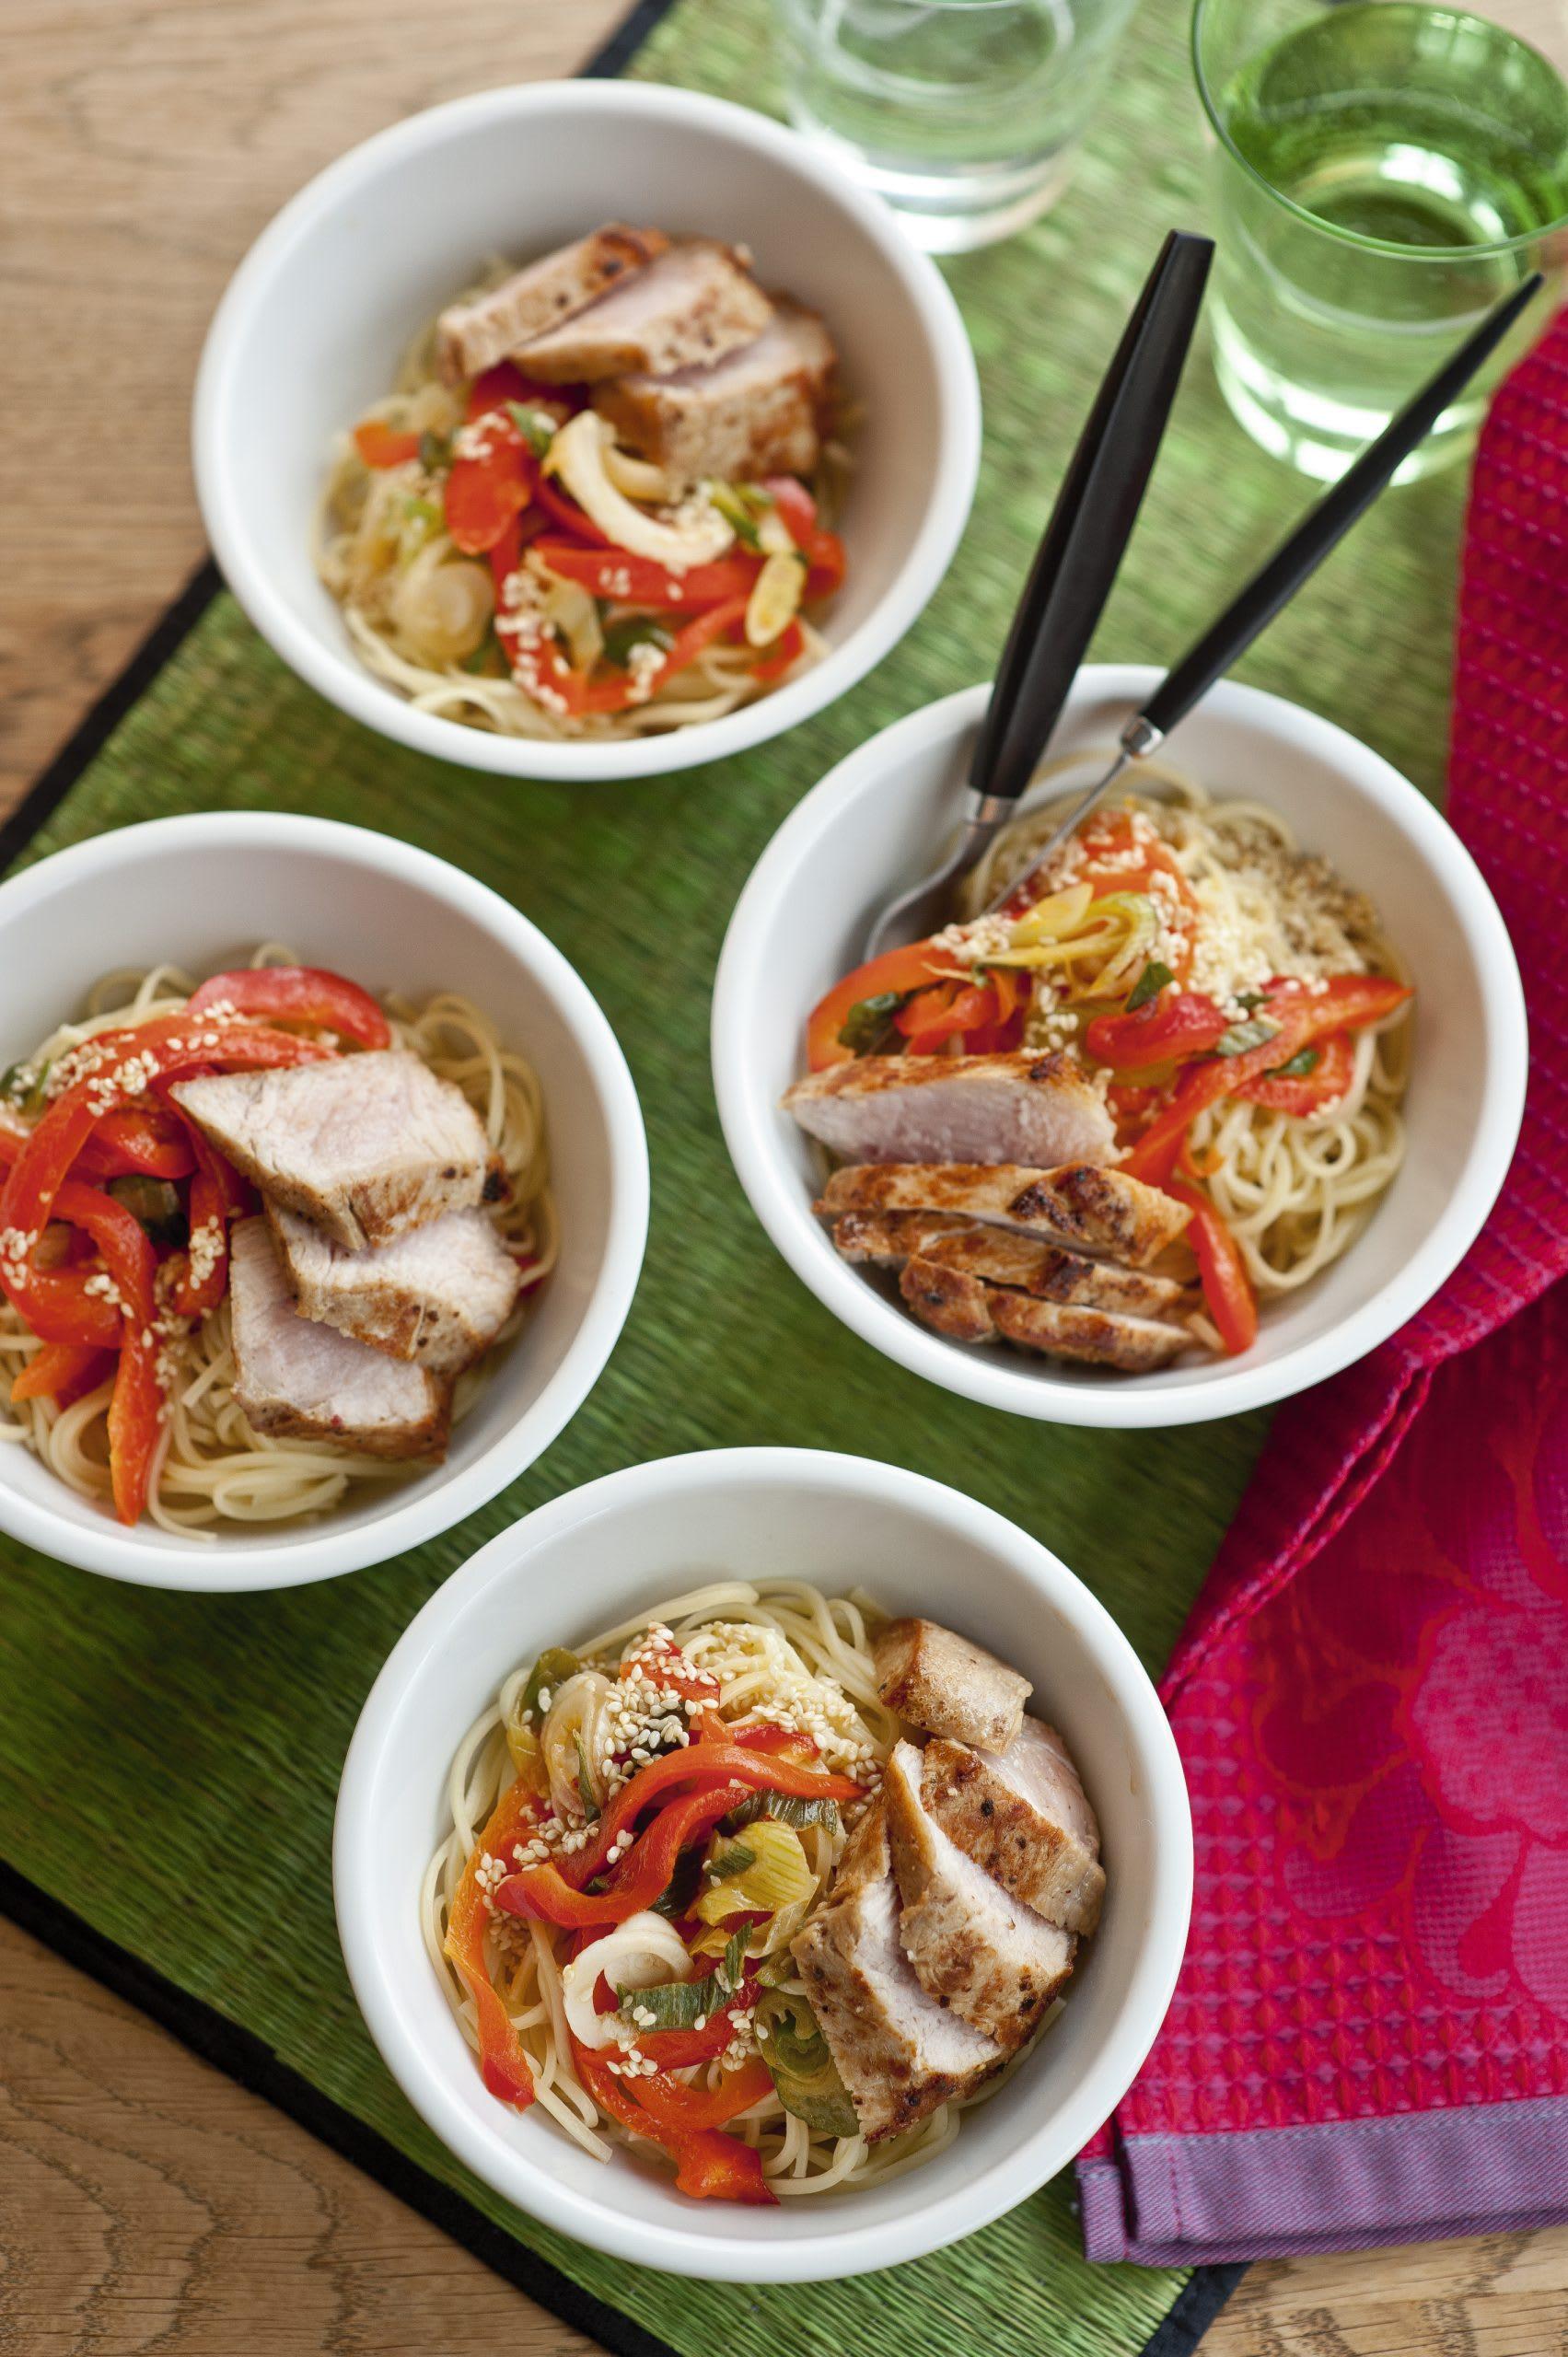 Nudel-Fleisch-Salat